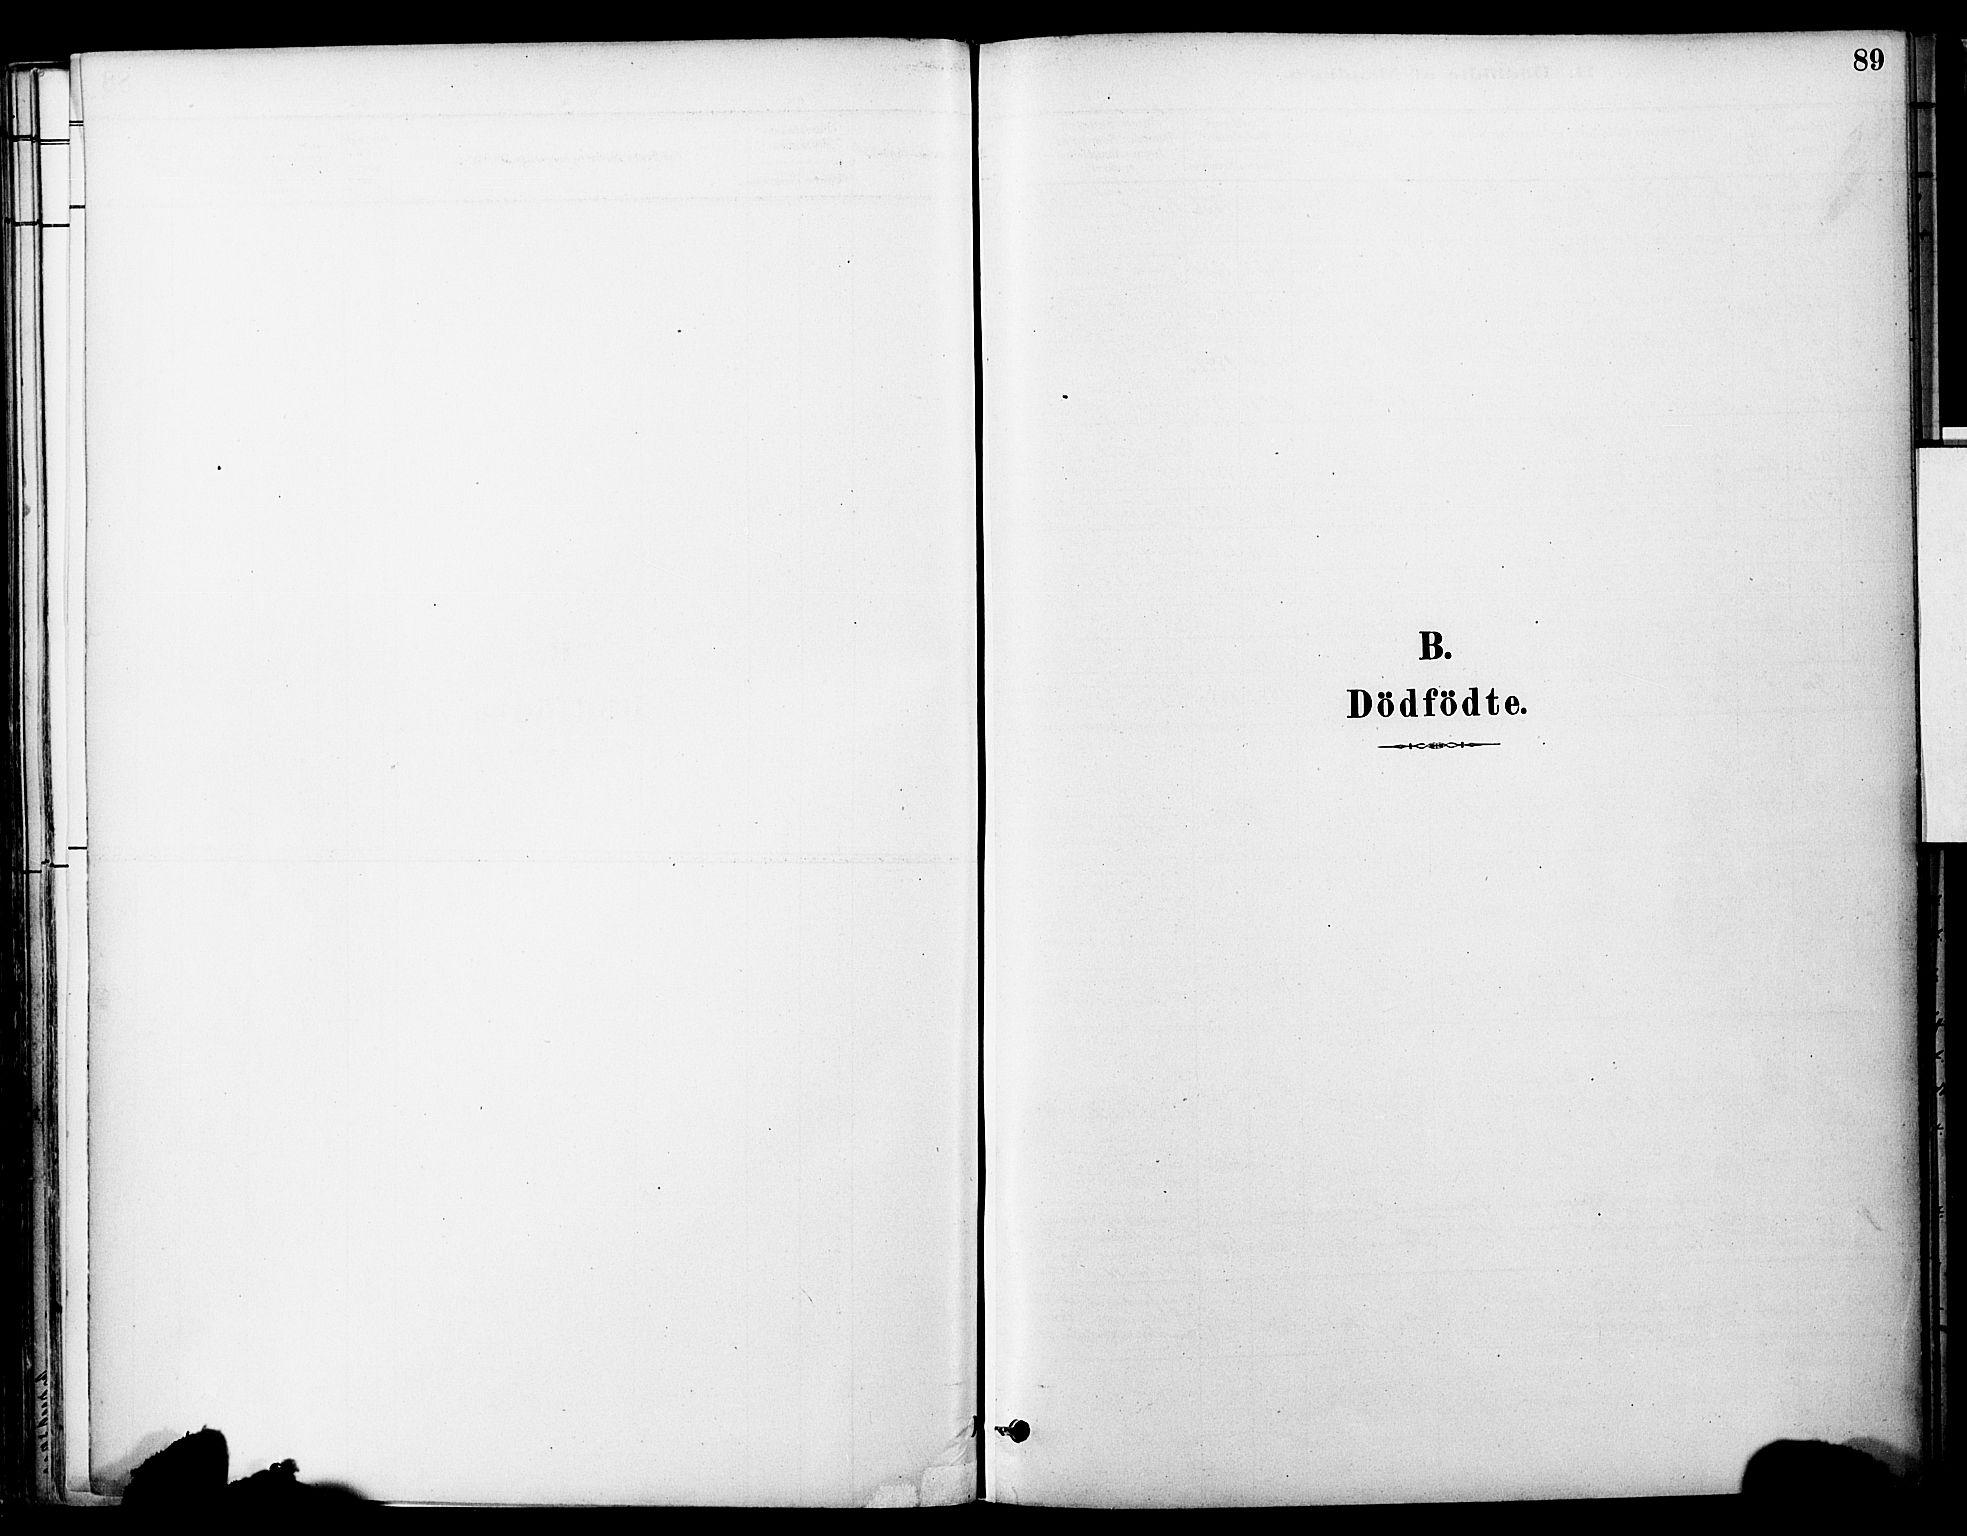 SAT, Ministerialprotokoller, klokkerbøker og fødselsregistre - Sør-Trøndelag, 681/L0933: Ministerialbok nr. 681A11, 1879-1890, s. 89